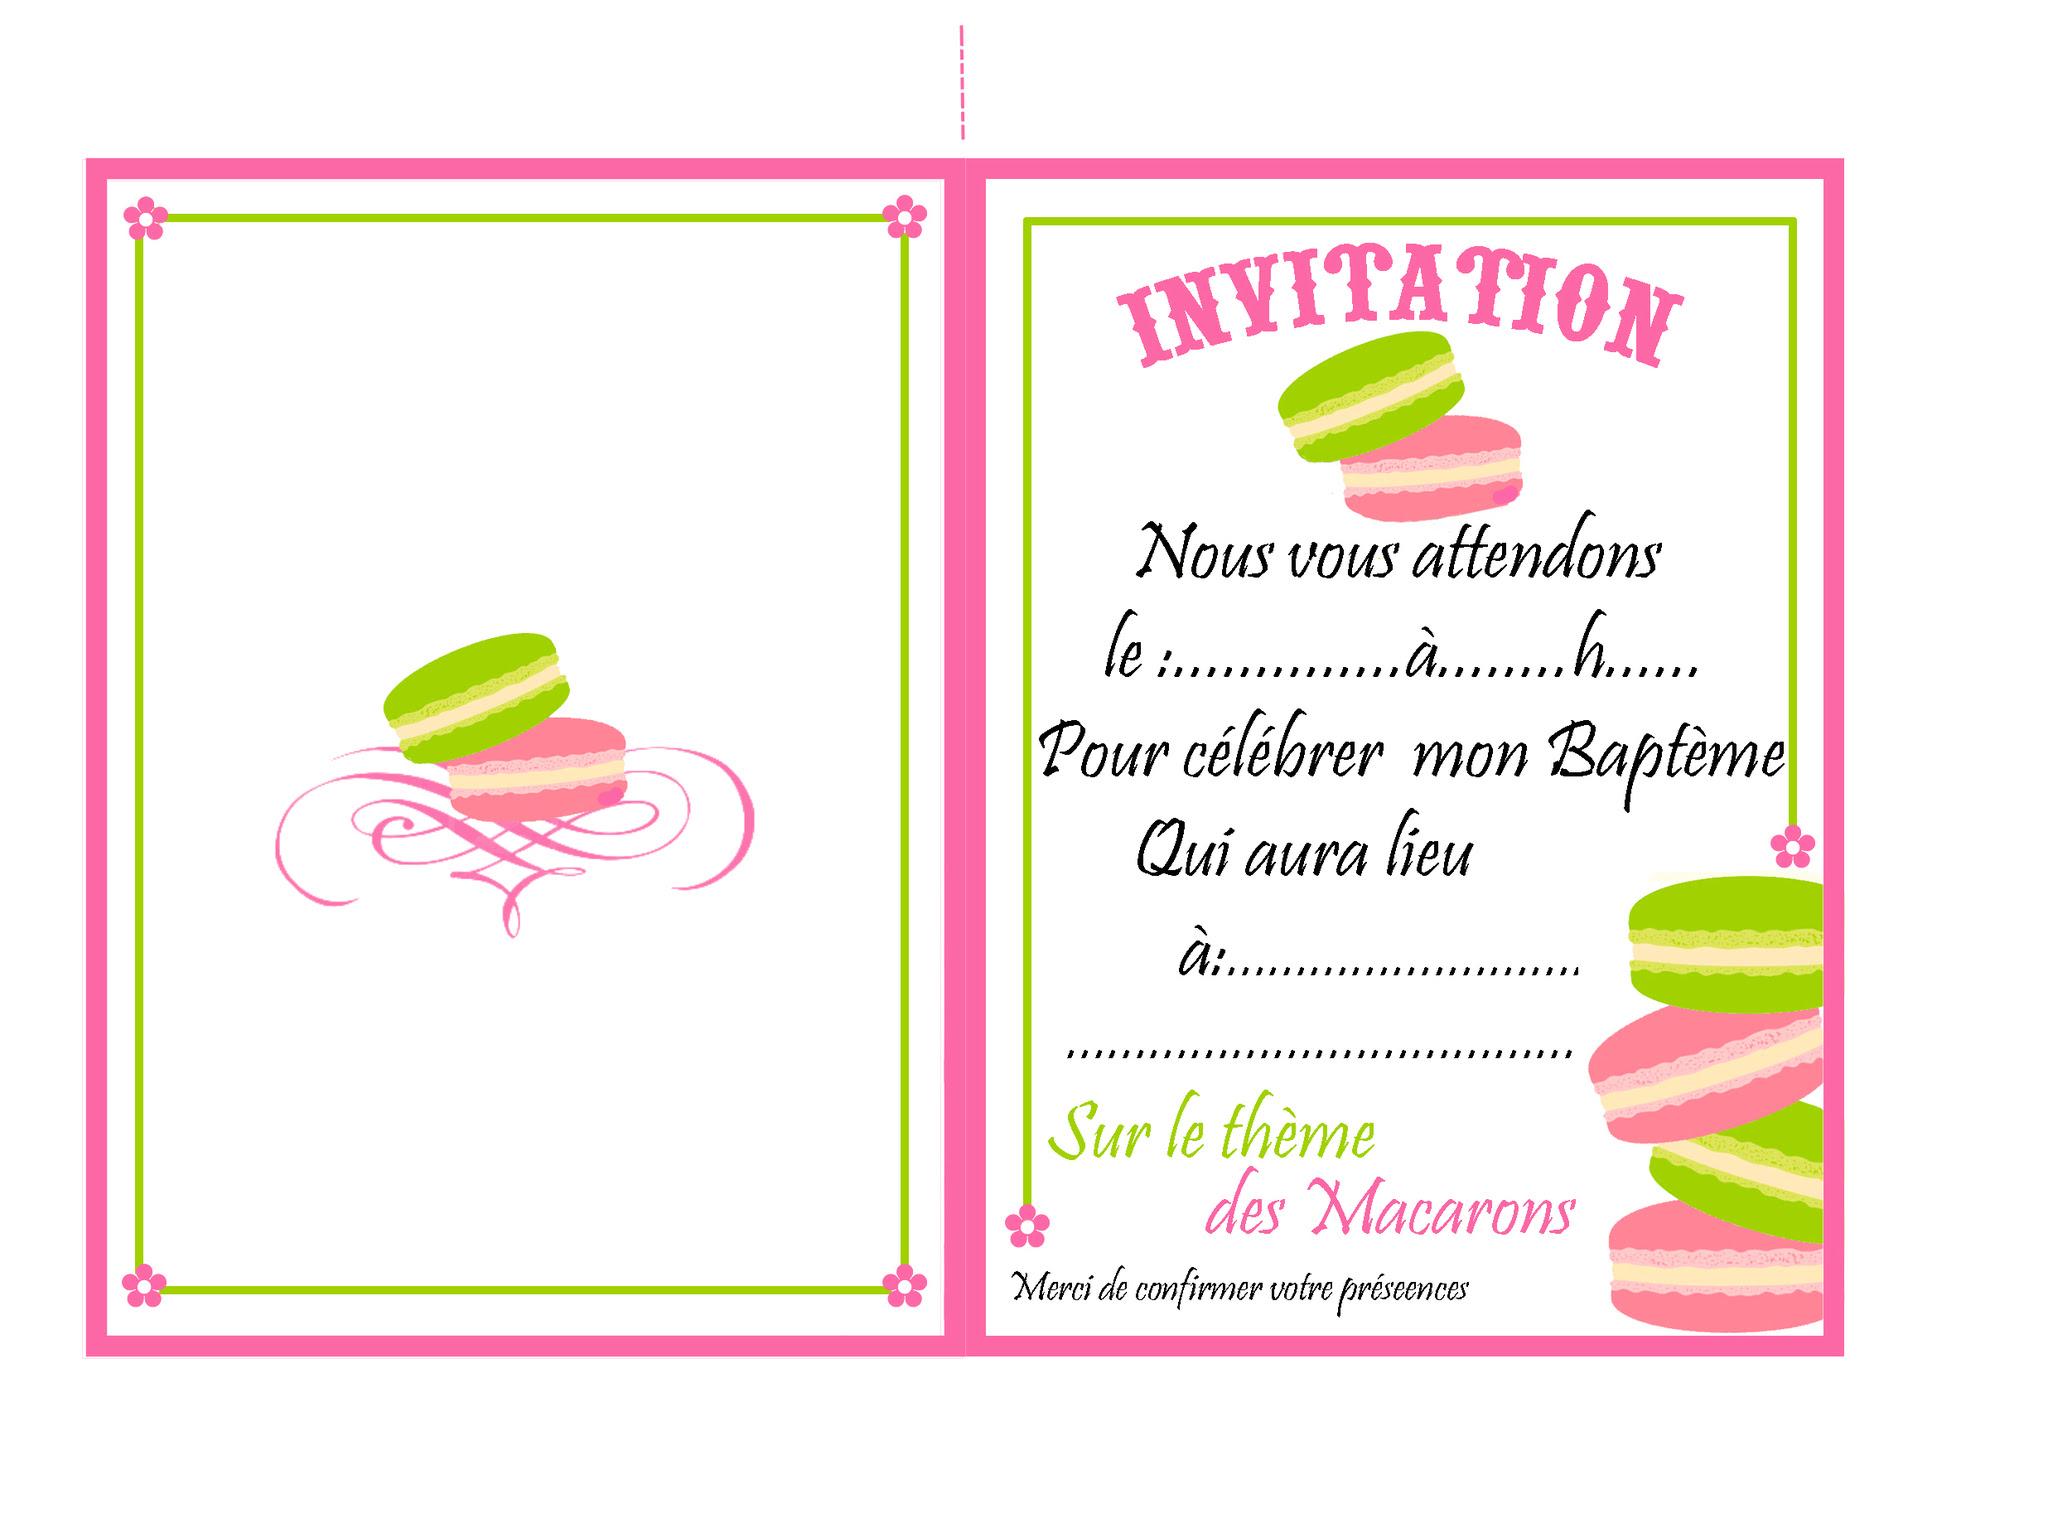 Carte D'invitation D'anniversaire A Remplir | coleteremelly blog